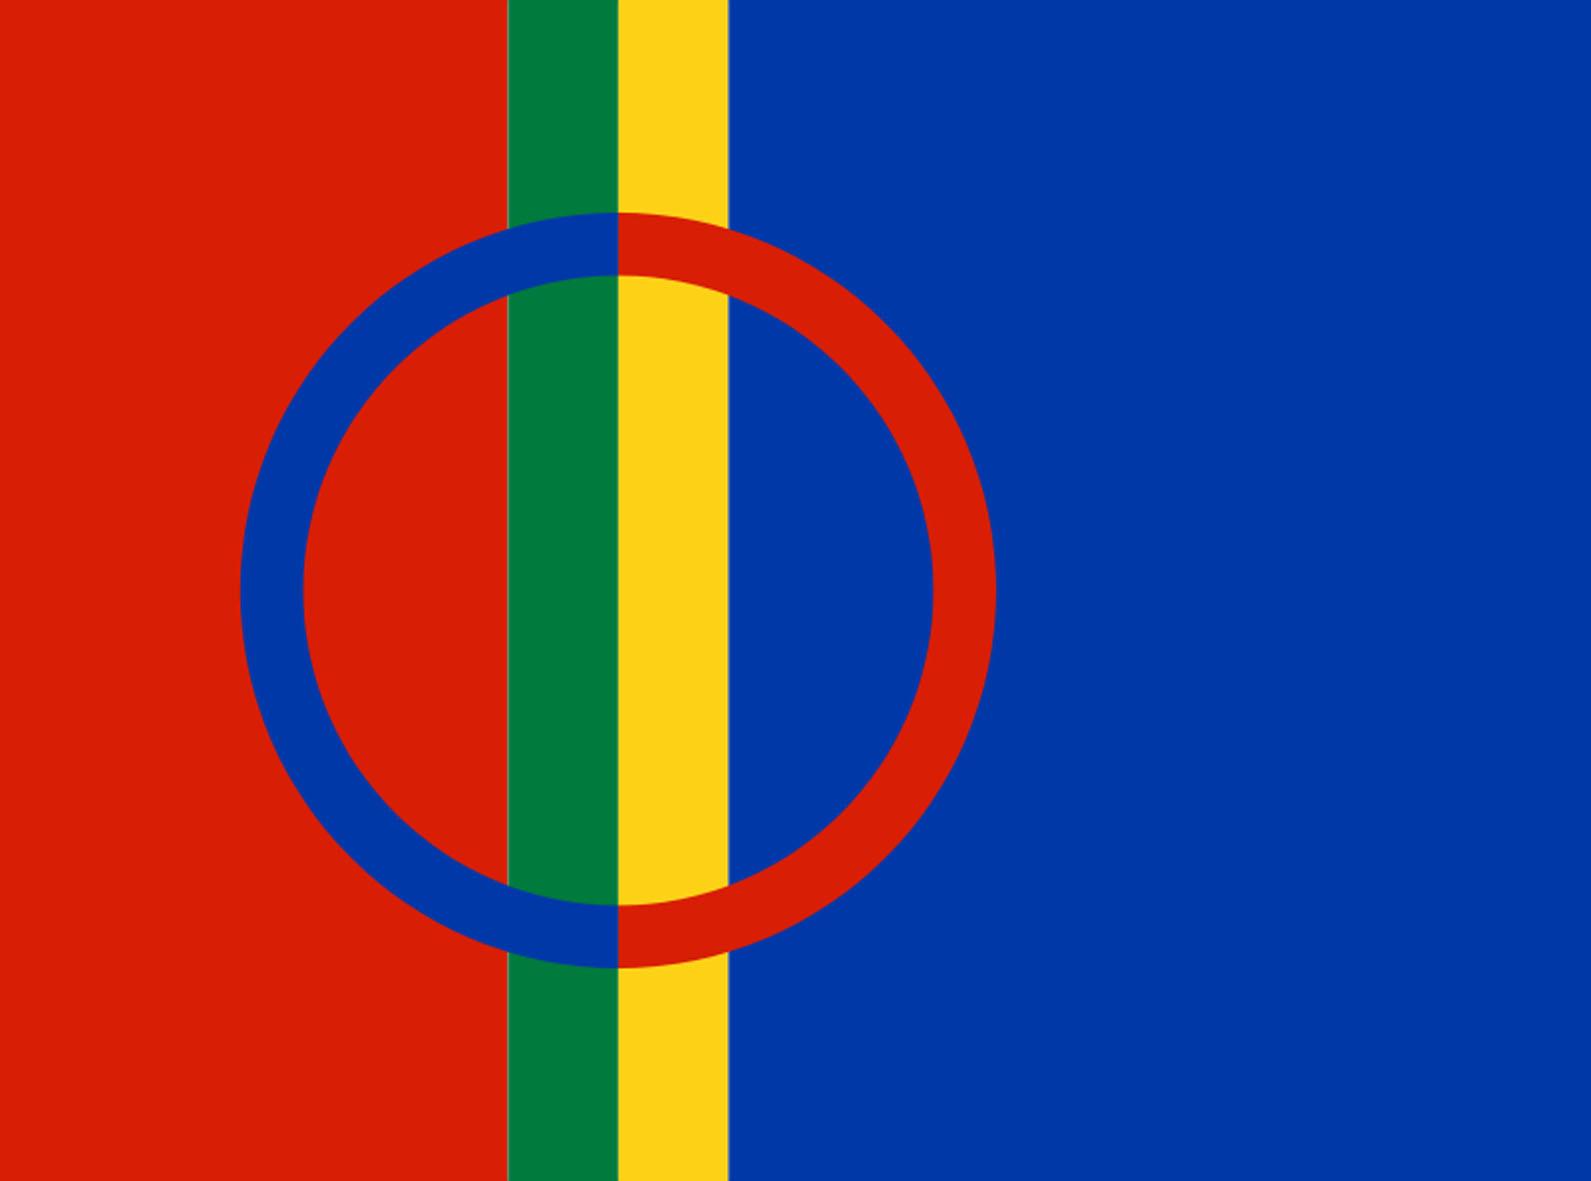 Runebommen, de førkristne samiske sjamanenes viktigste redskap, pryder det moderne samiske flagget.